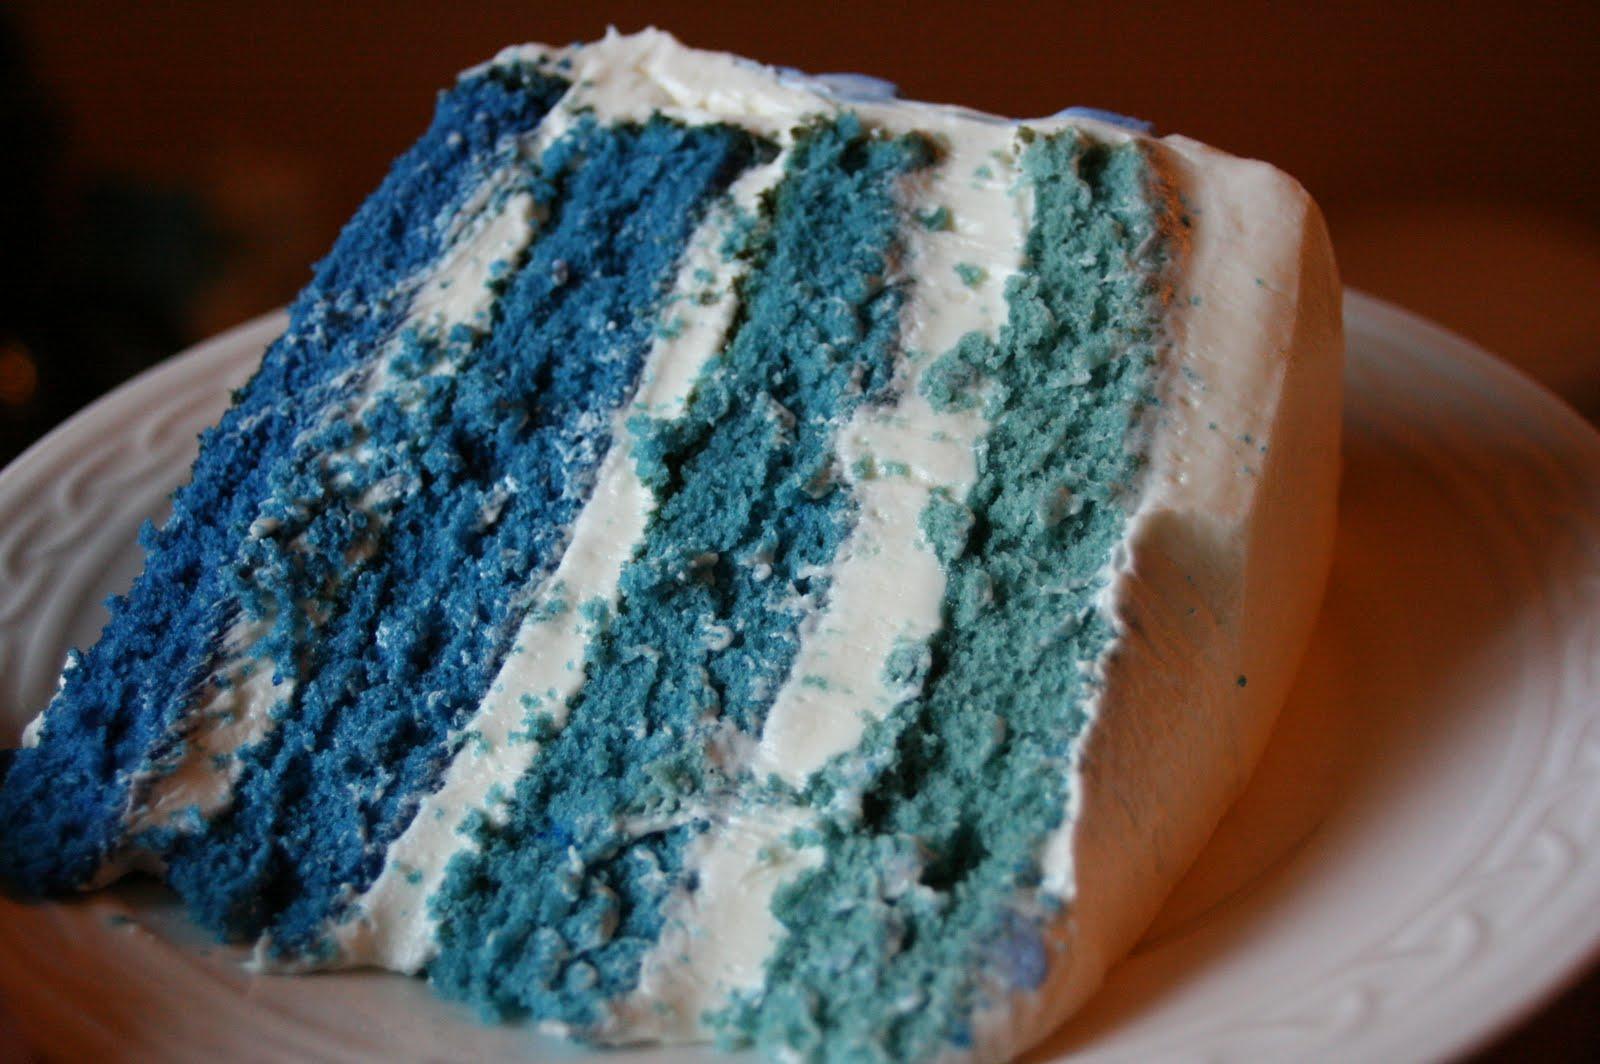 Images Of Blue Velvet Cake : Mary Cakes: Blue Velvet Cake